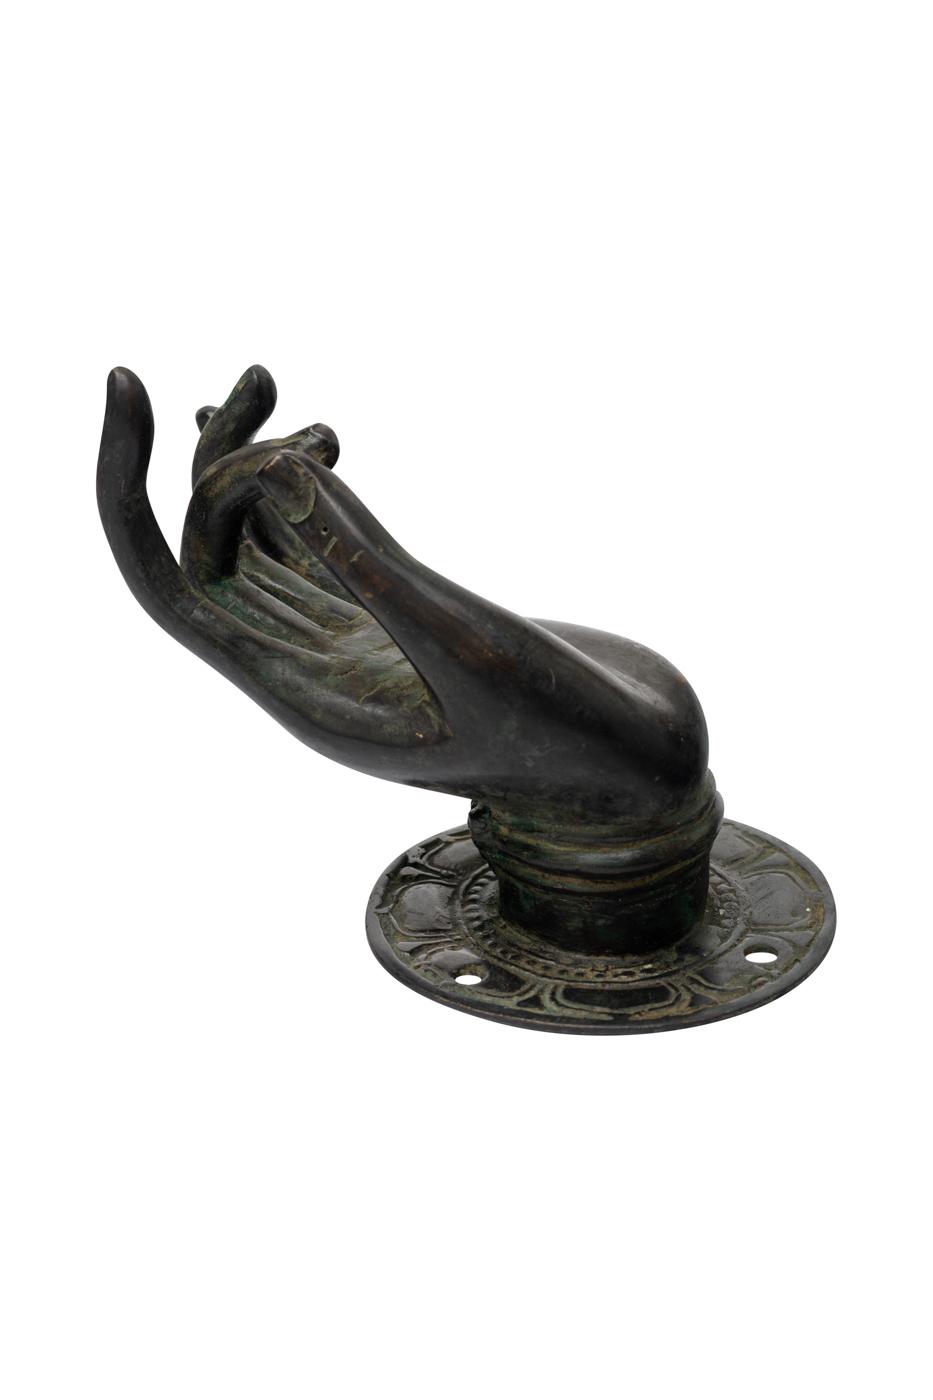 Mano decorativa en bronce